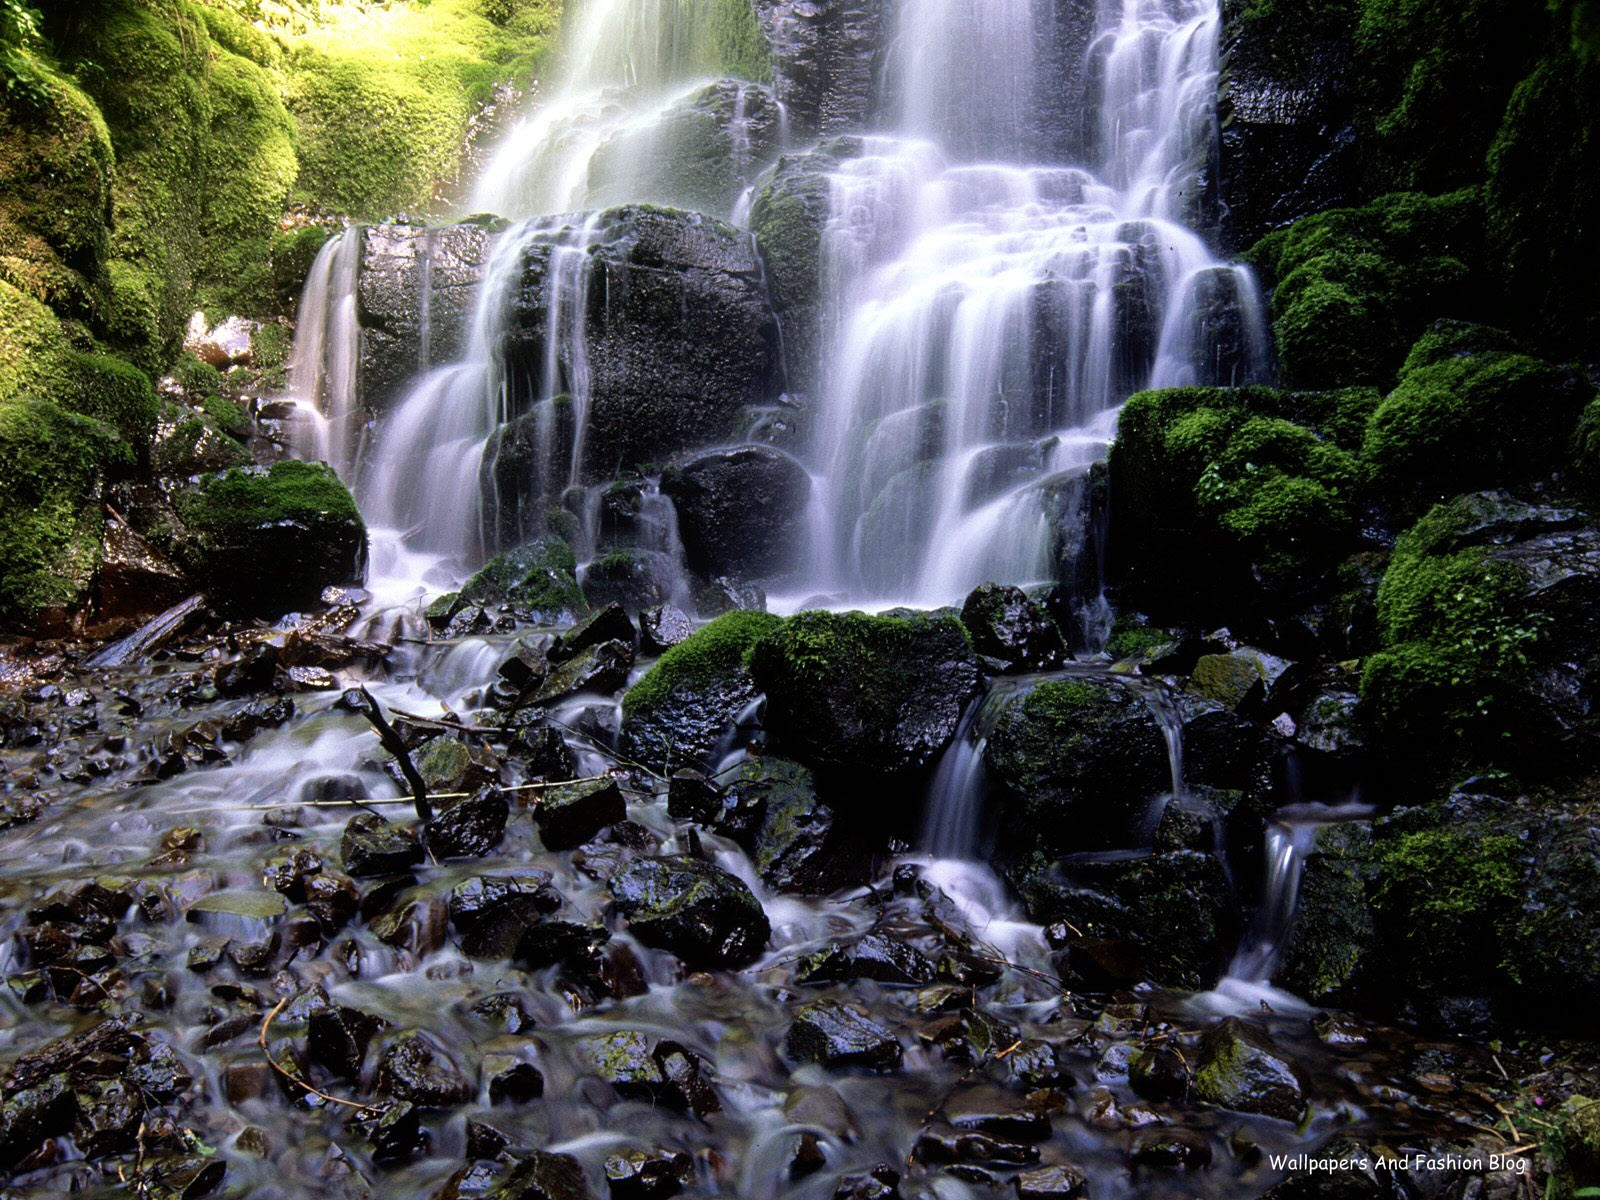 http://1.bp.blogspot.com/-8wcKz2sxKCc/TyBRWlitNfI/AAAAAAAADwc/xtZmmiFDdlU/s1600/Landscape_HD_Nature_Wallpapers_For_desktop_and_mobile+%252815%2529.jpg